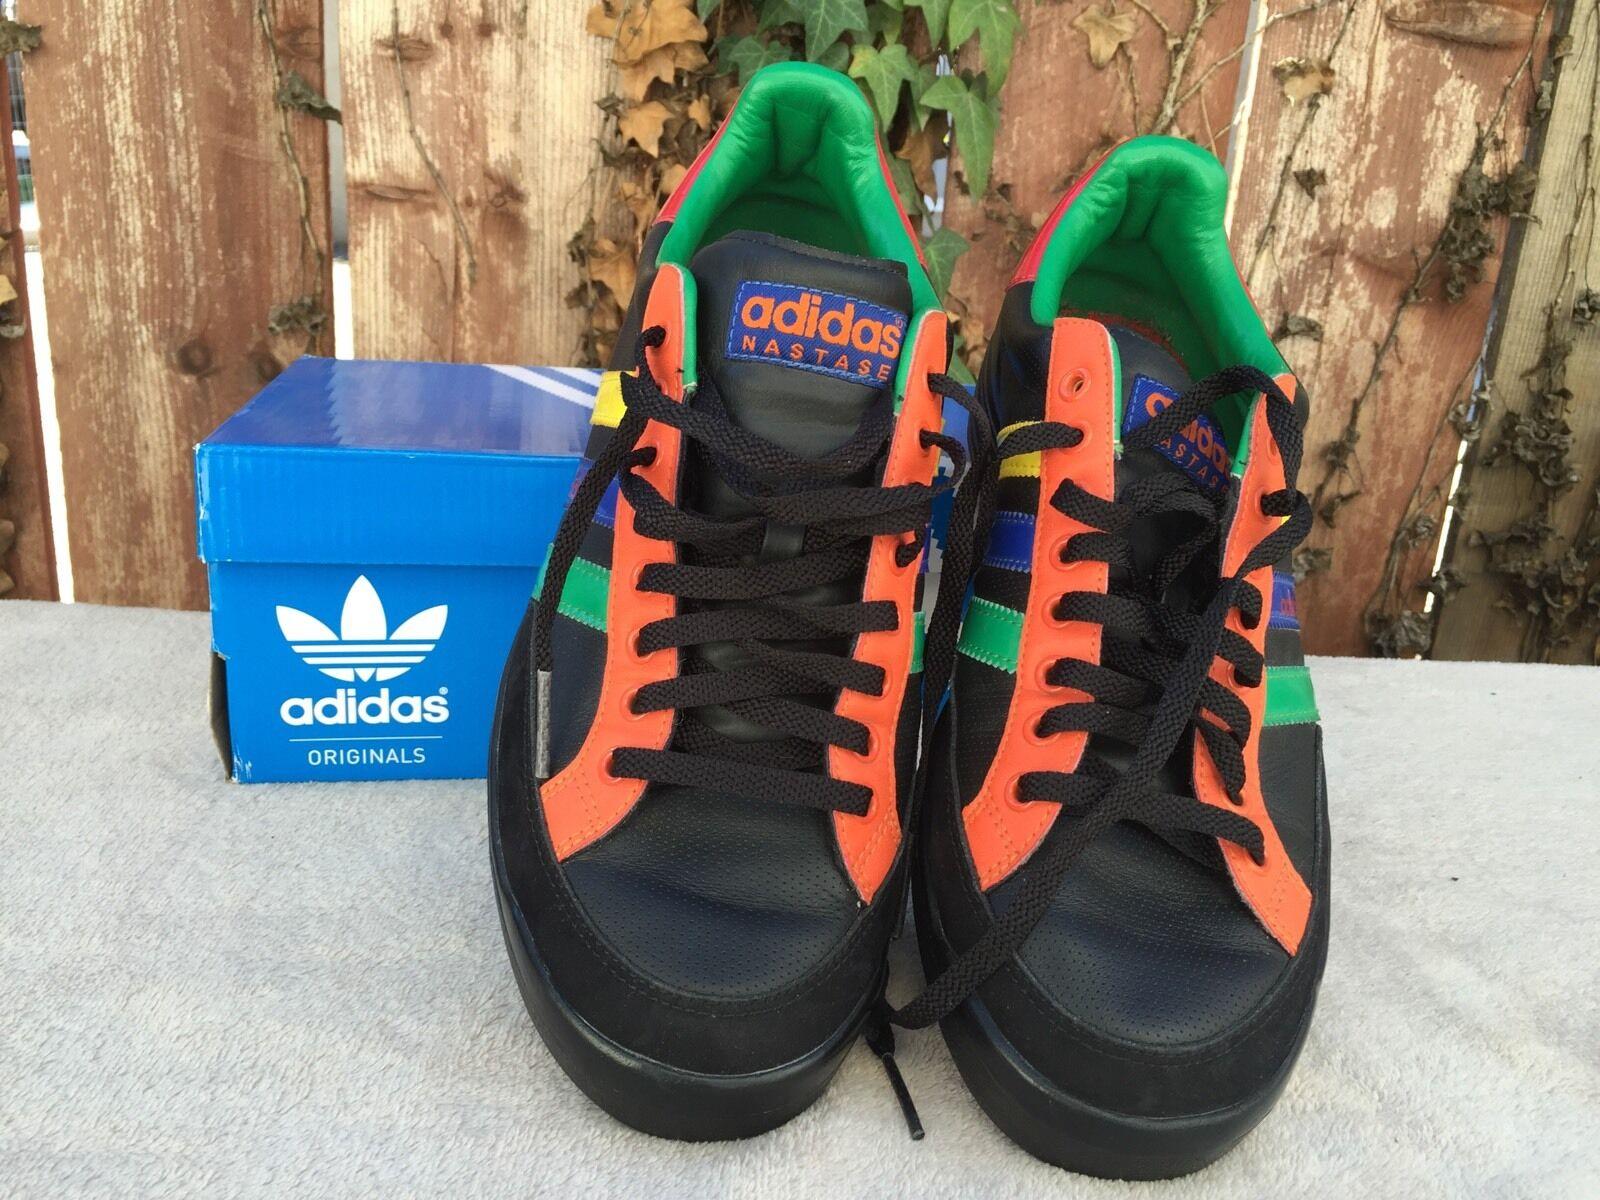 neue adidas schwarz originals männer nastase leder schwarz adidas - farbe streifen schuhgröße 9,5 e46cc8